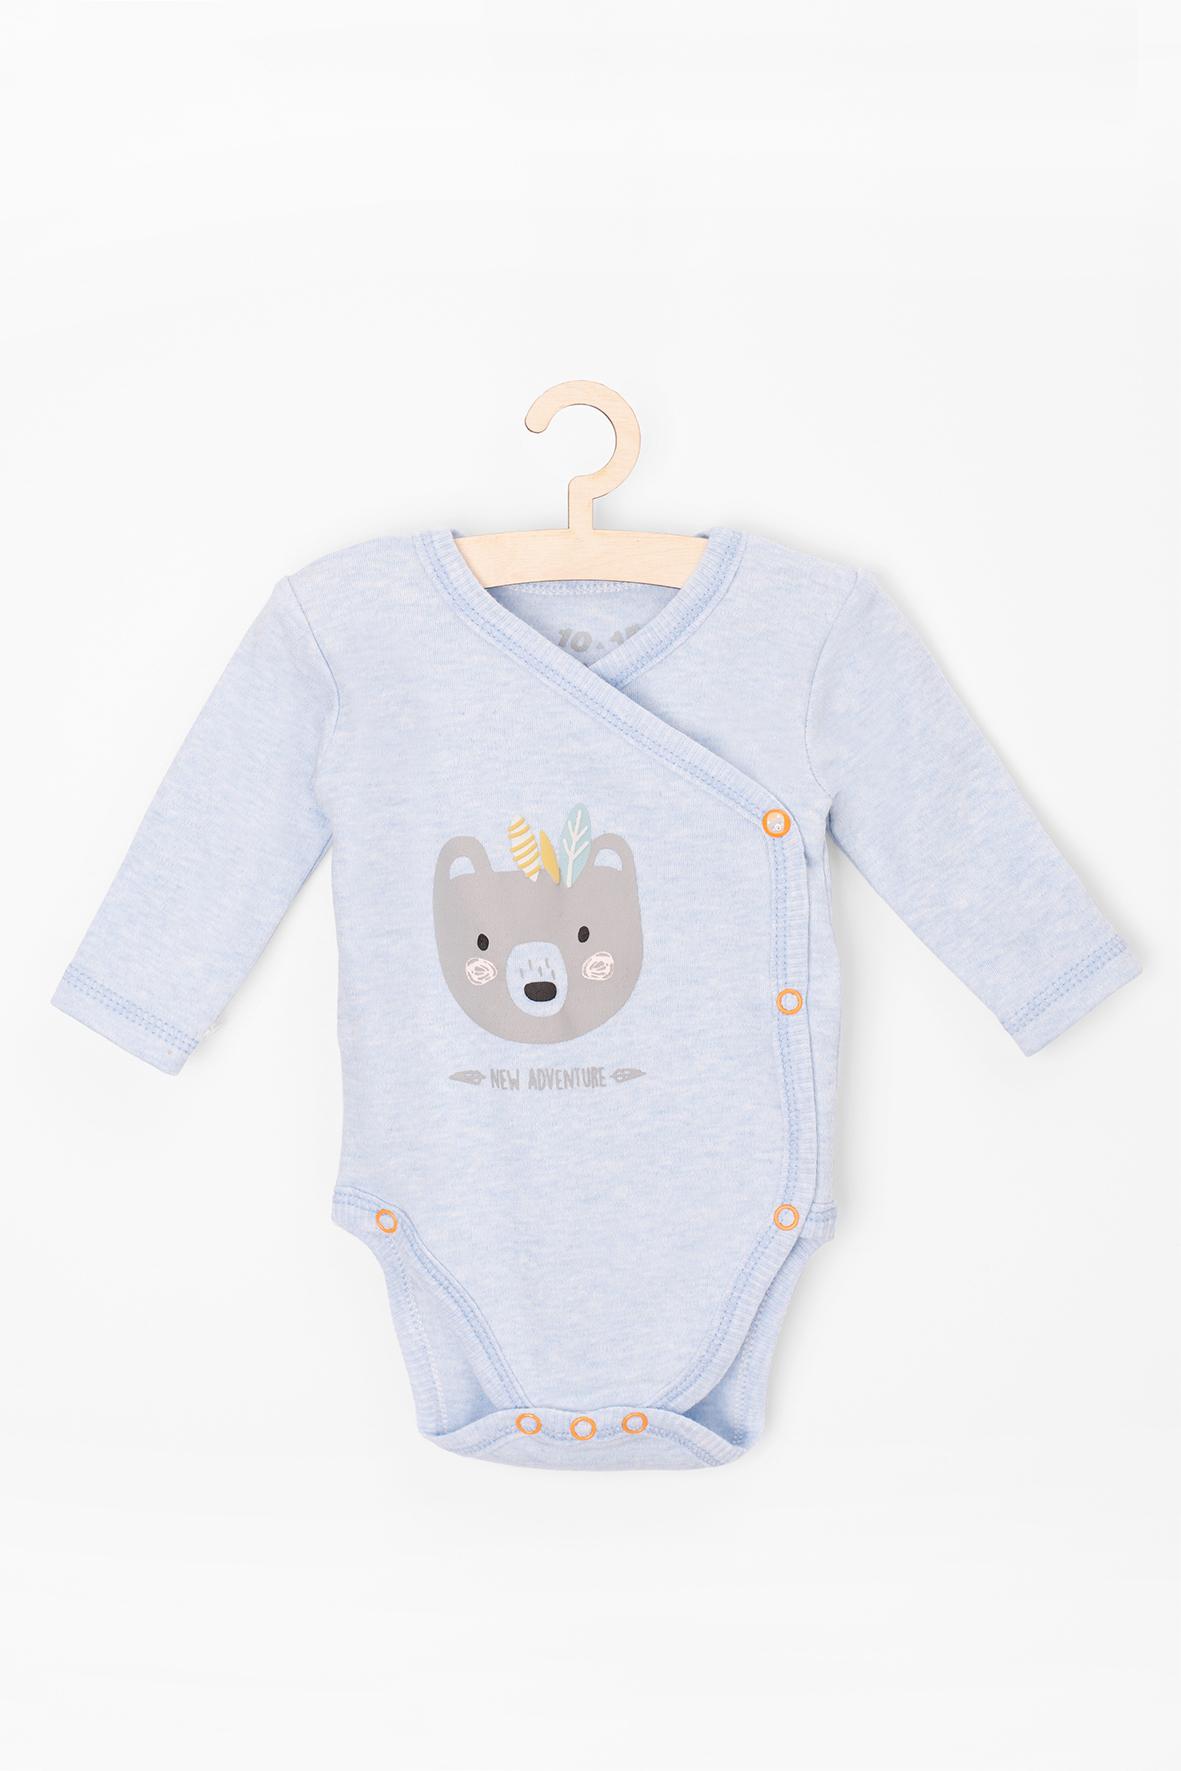 5.10.15. Body niemowlęce 100%bawełna 5W3611 56